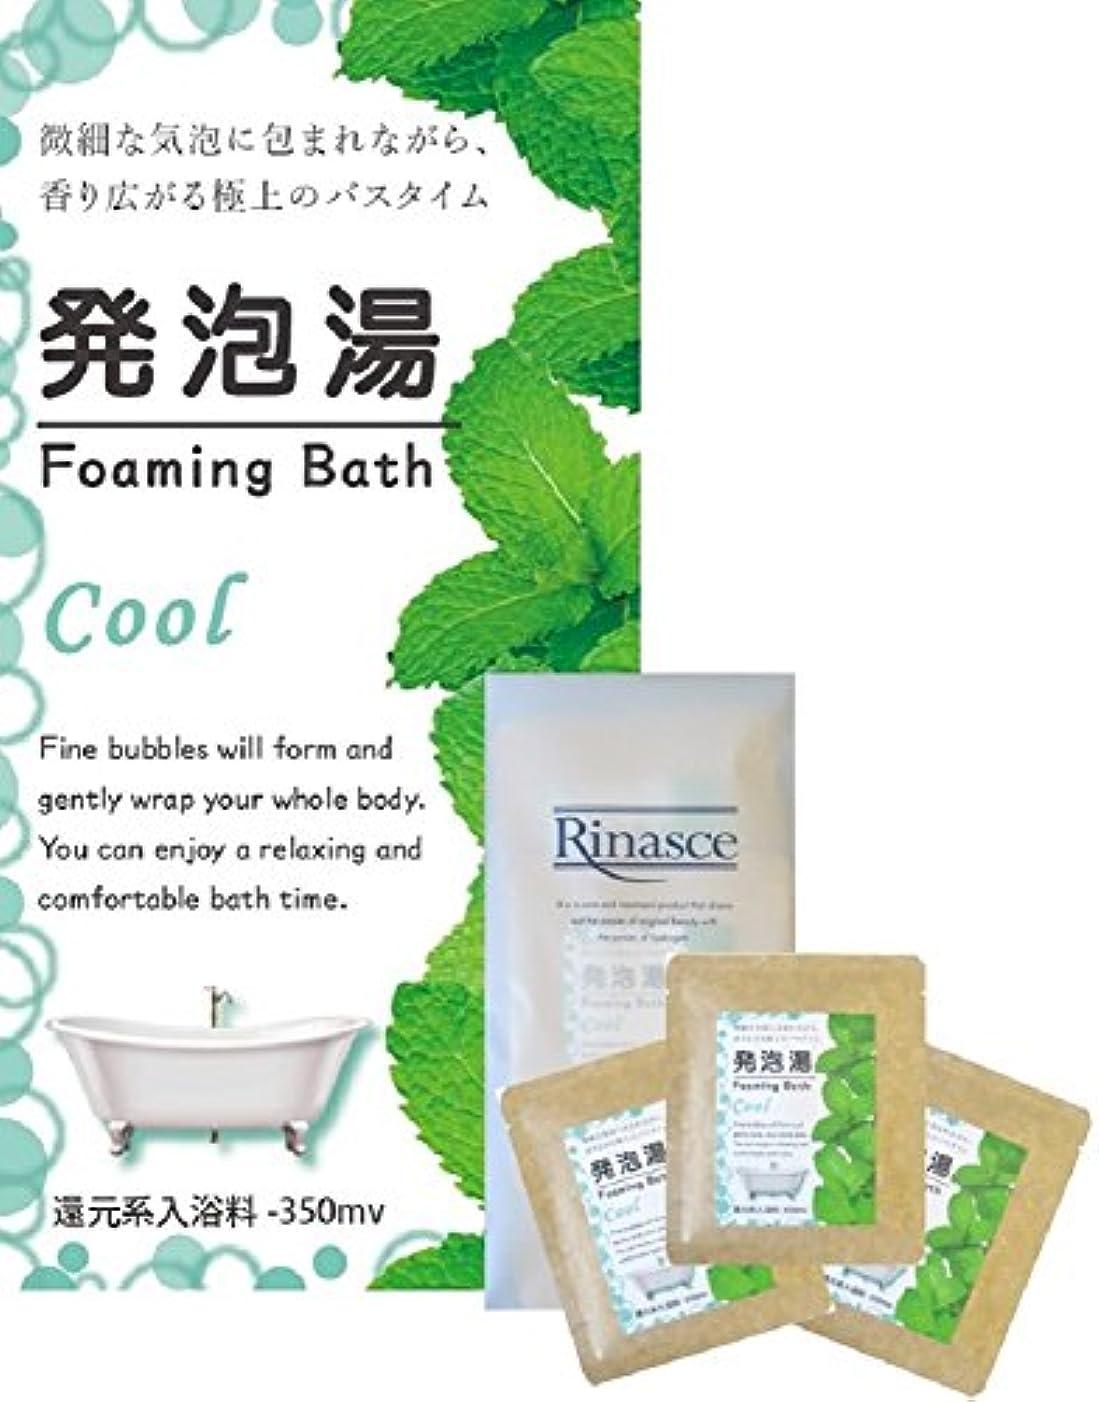 バルーン腰メンダシティ【ゆうメール対象】発泡湯(はっぽうとう) Foaming Bath Cool クール 40g 3包セット/微細な気泡に包まれながら香り広がる極上のバスタイム